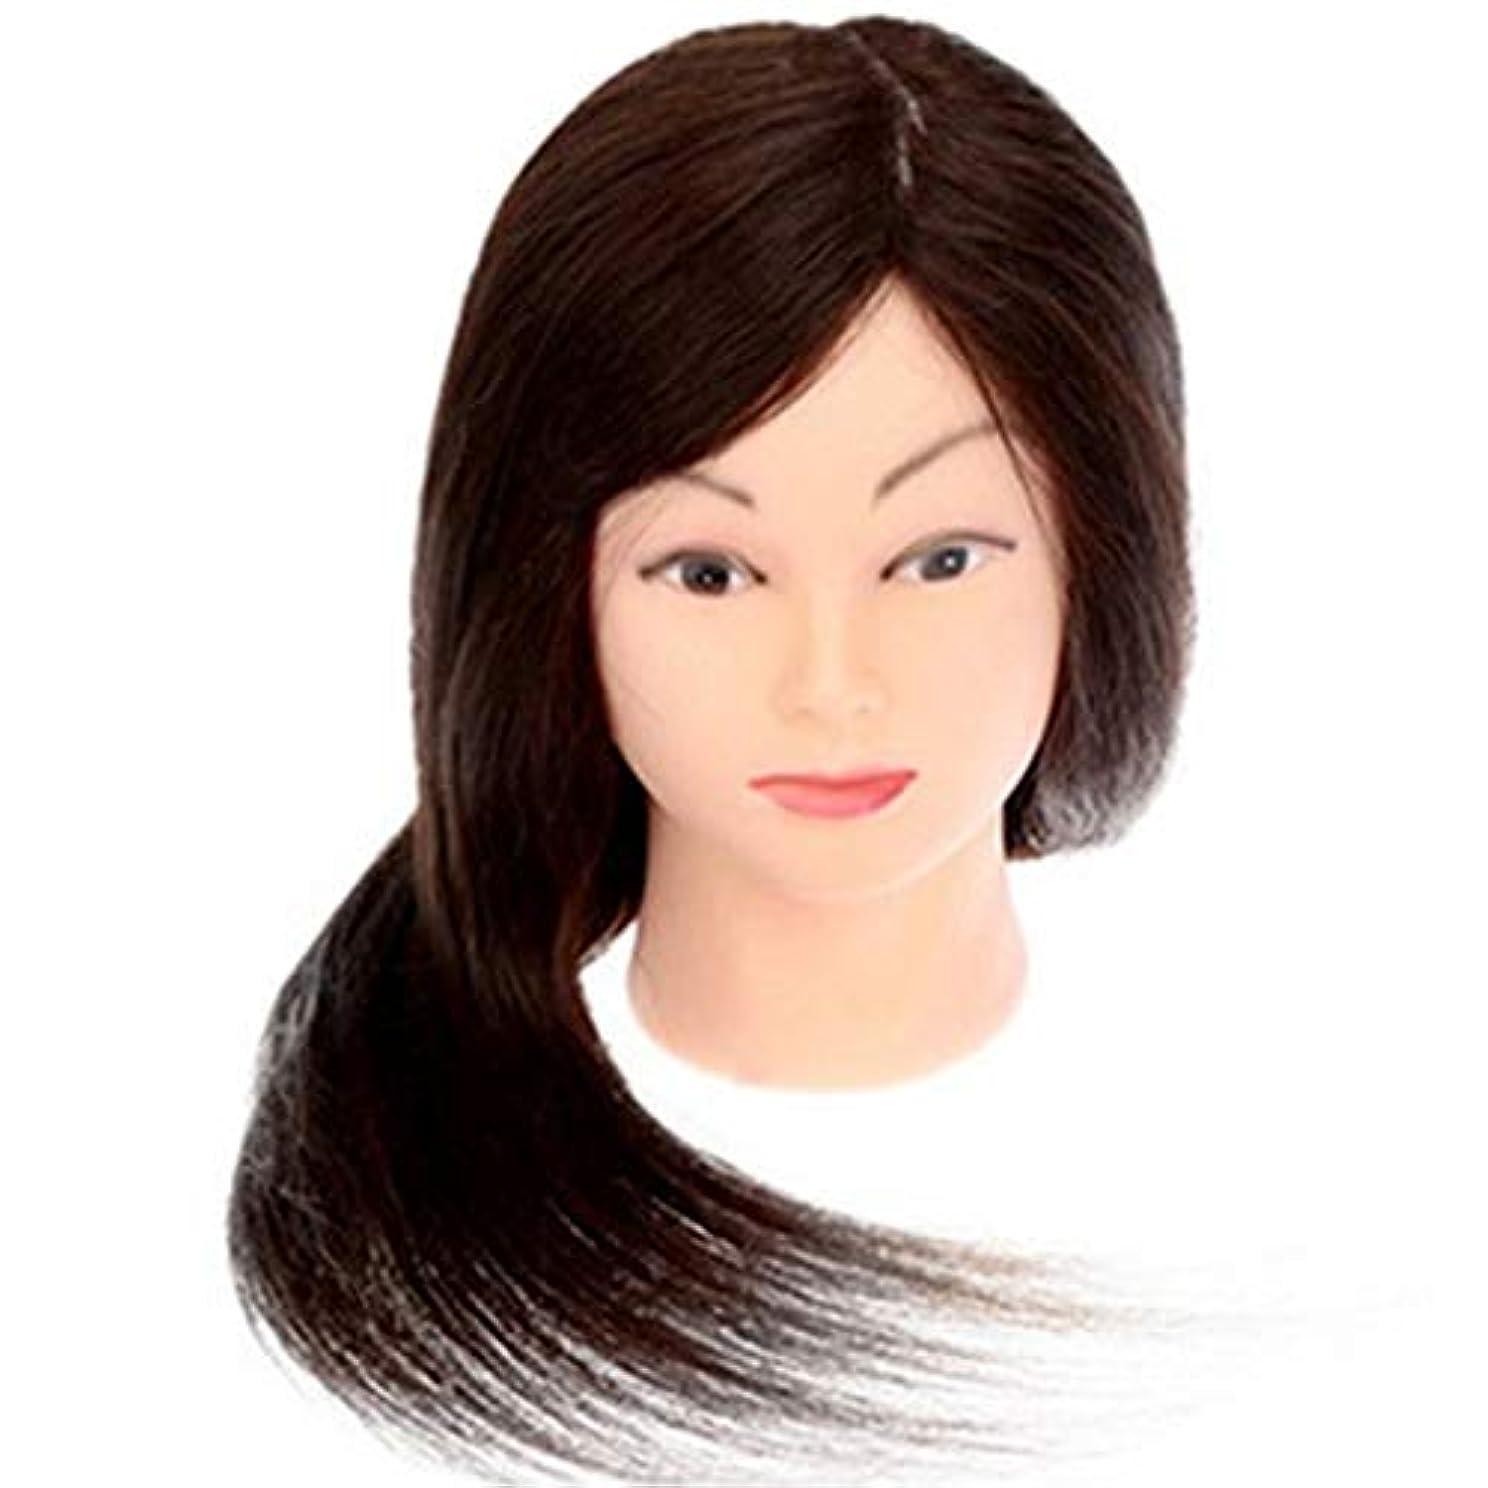 窒素行き当たりばったり前売メイクアップエクササイズディスク髪編組ヘッド金型デュアルユースダミーヘッドモデルヘッド美容ヘアカットティーチングヘッドかつら